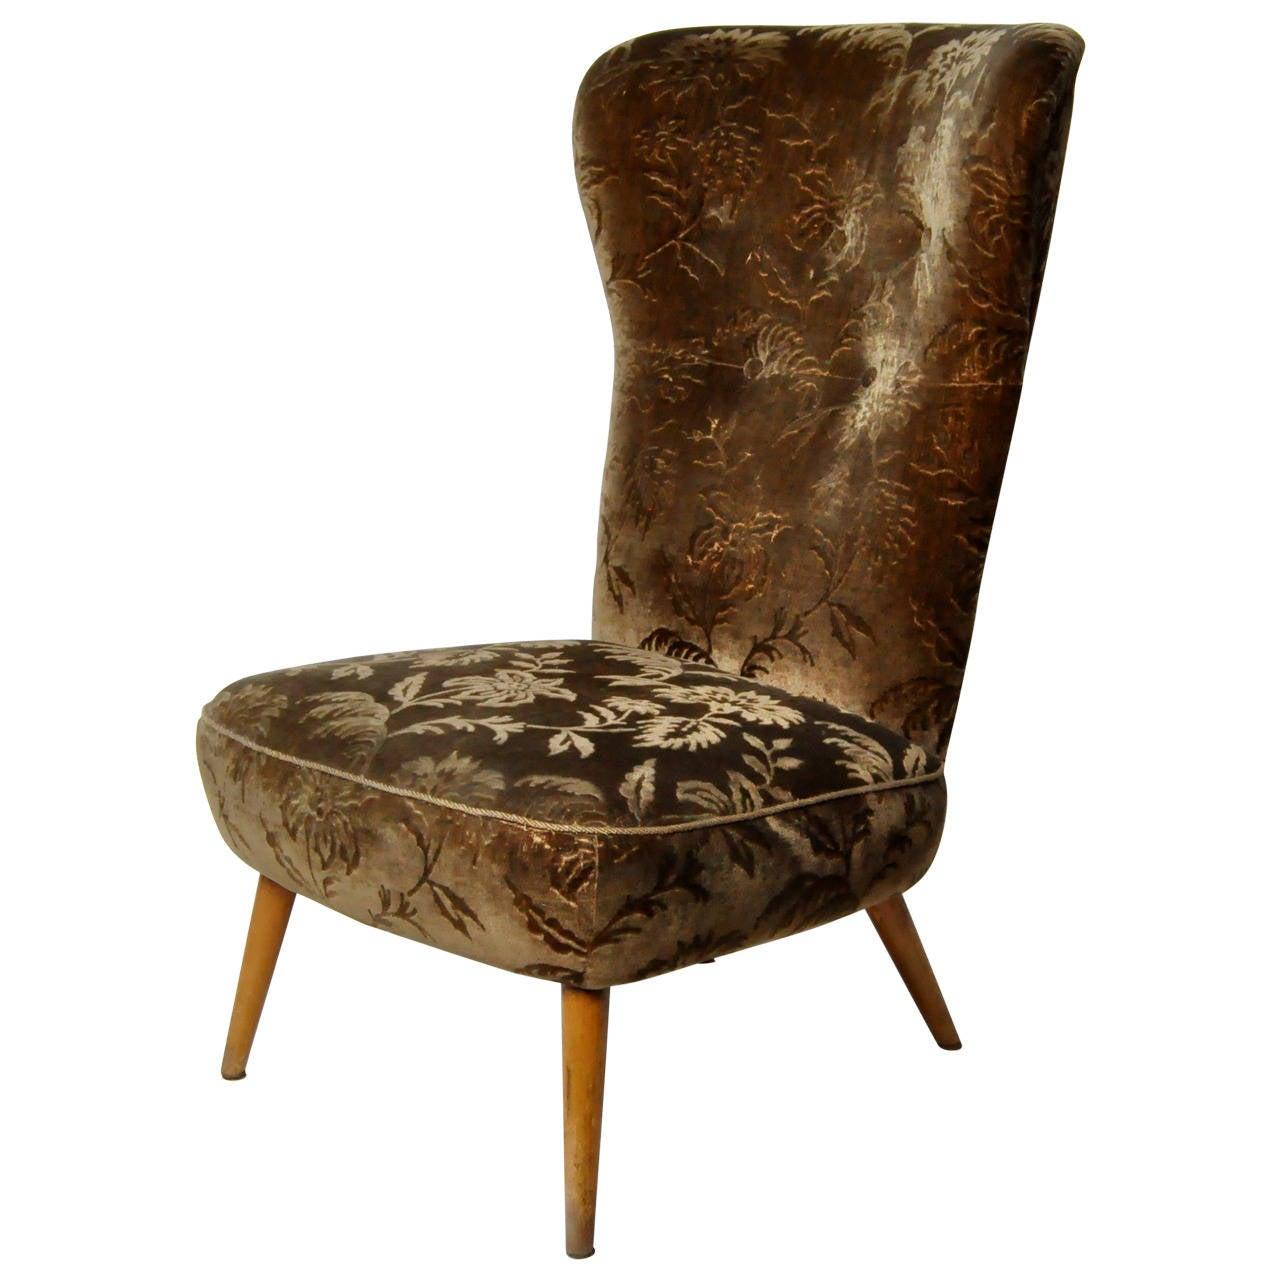 Solid Walnut Tall Back Chair